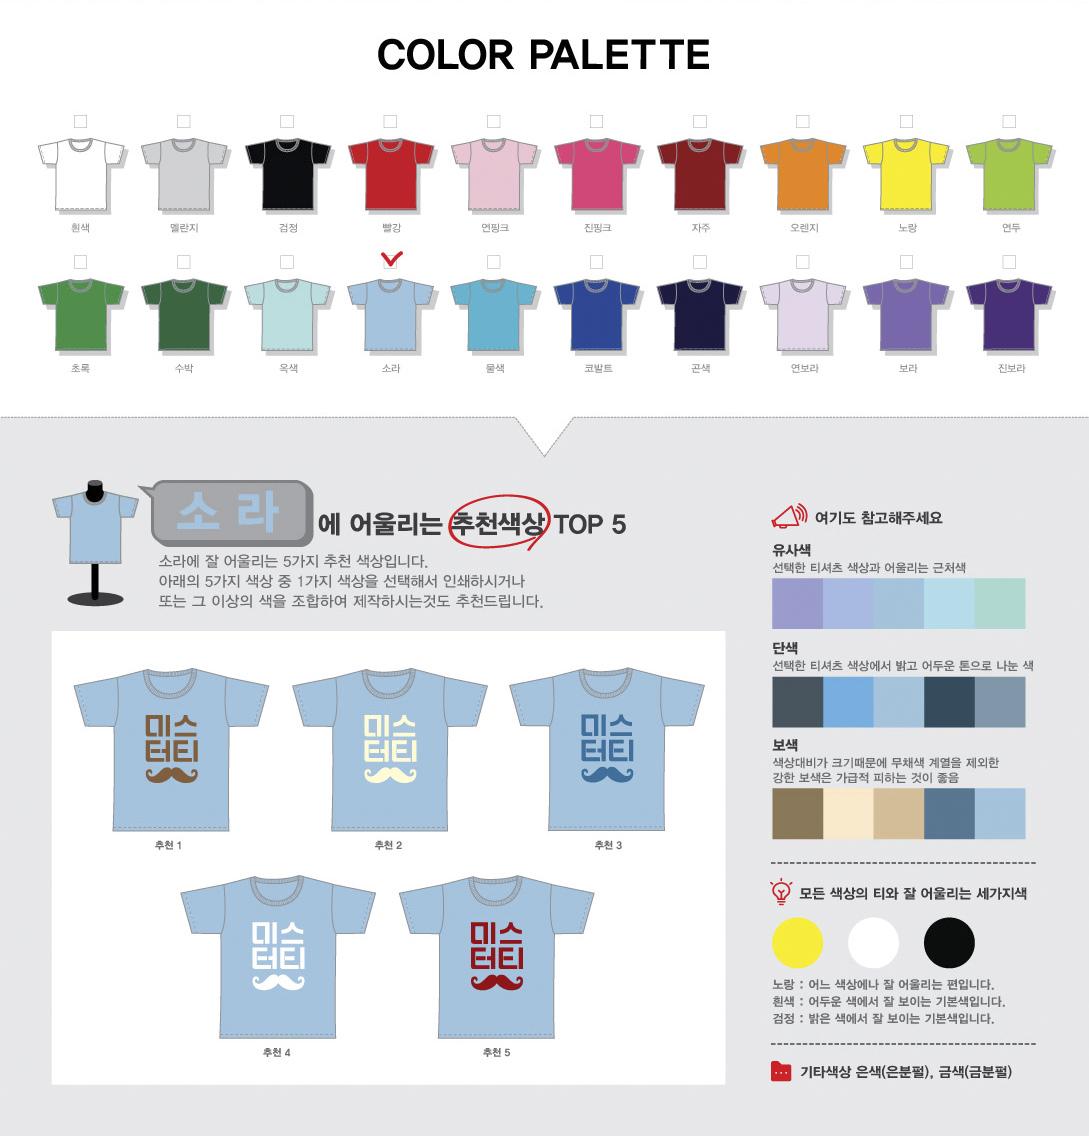 소라색 단체티에 어울리는 로고색상,소라색단체티 제작색상,소라색단체복 로고색상,소라색단체티 디자인색상,소라색단체티셔츠 로고색상